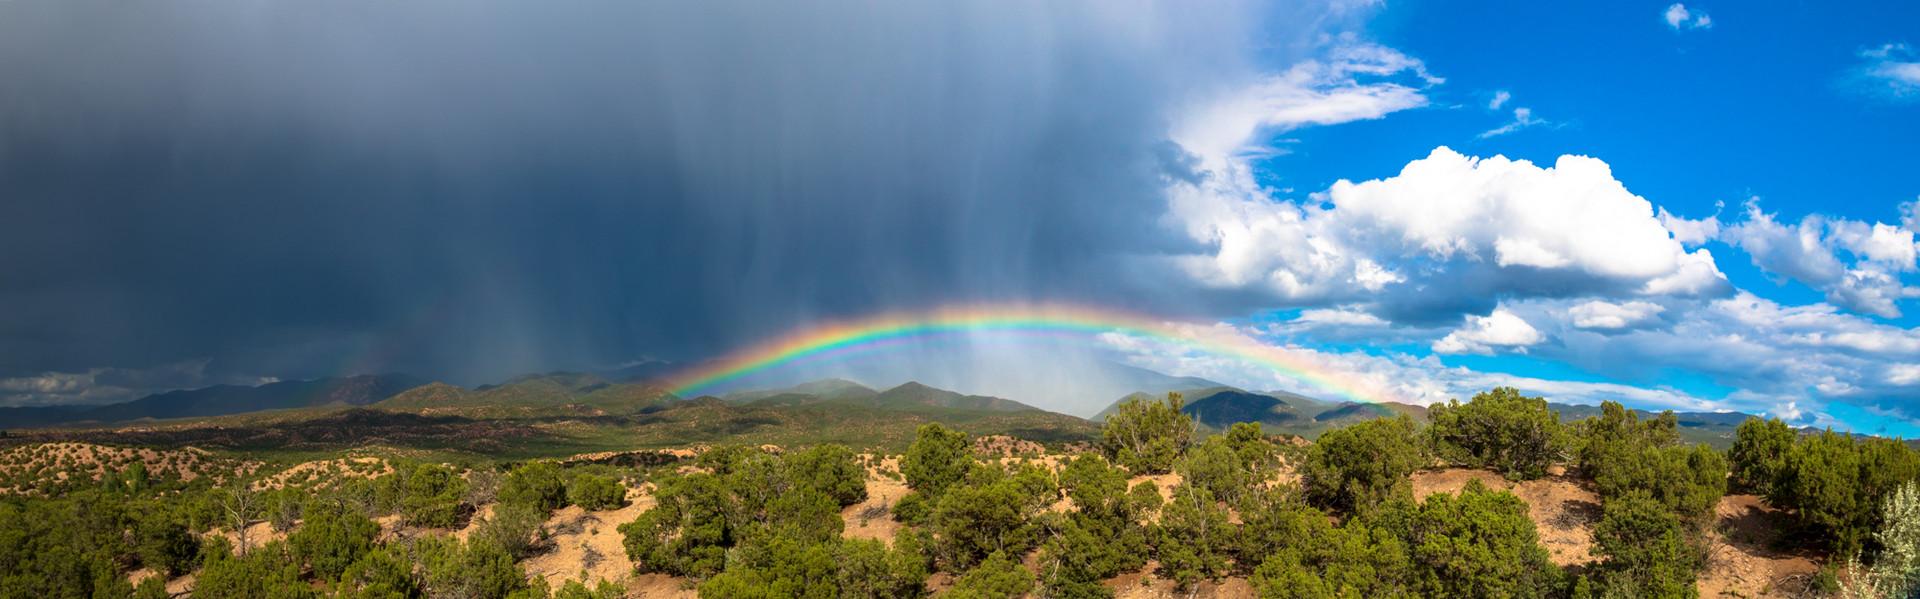 Rainbow's Art